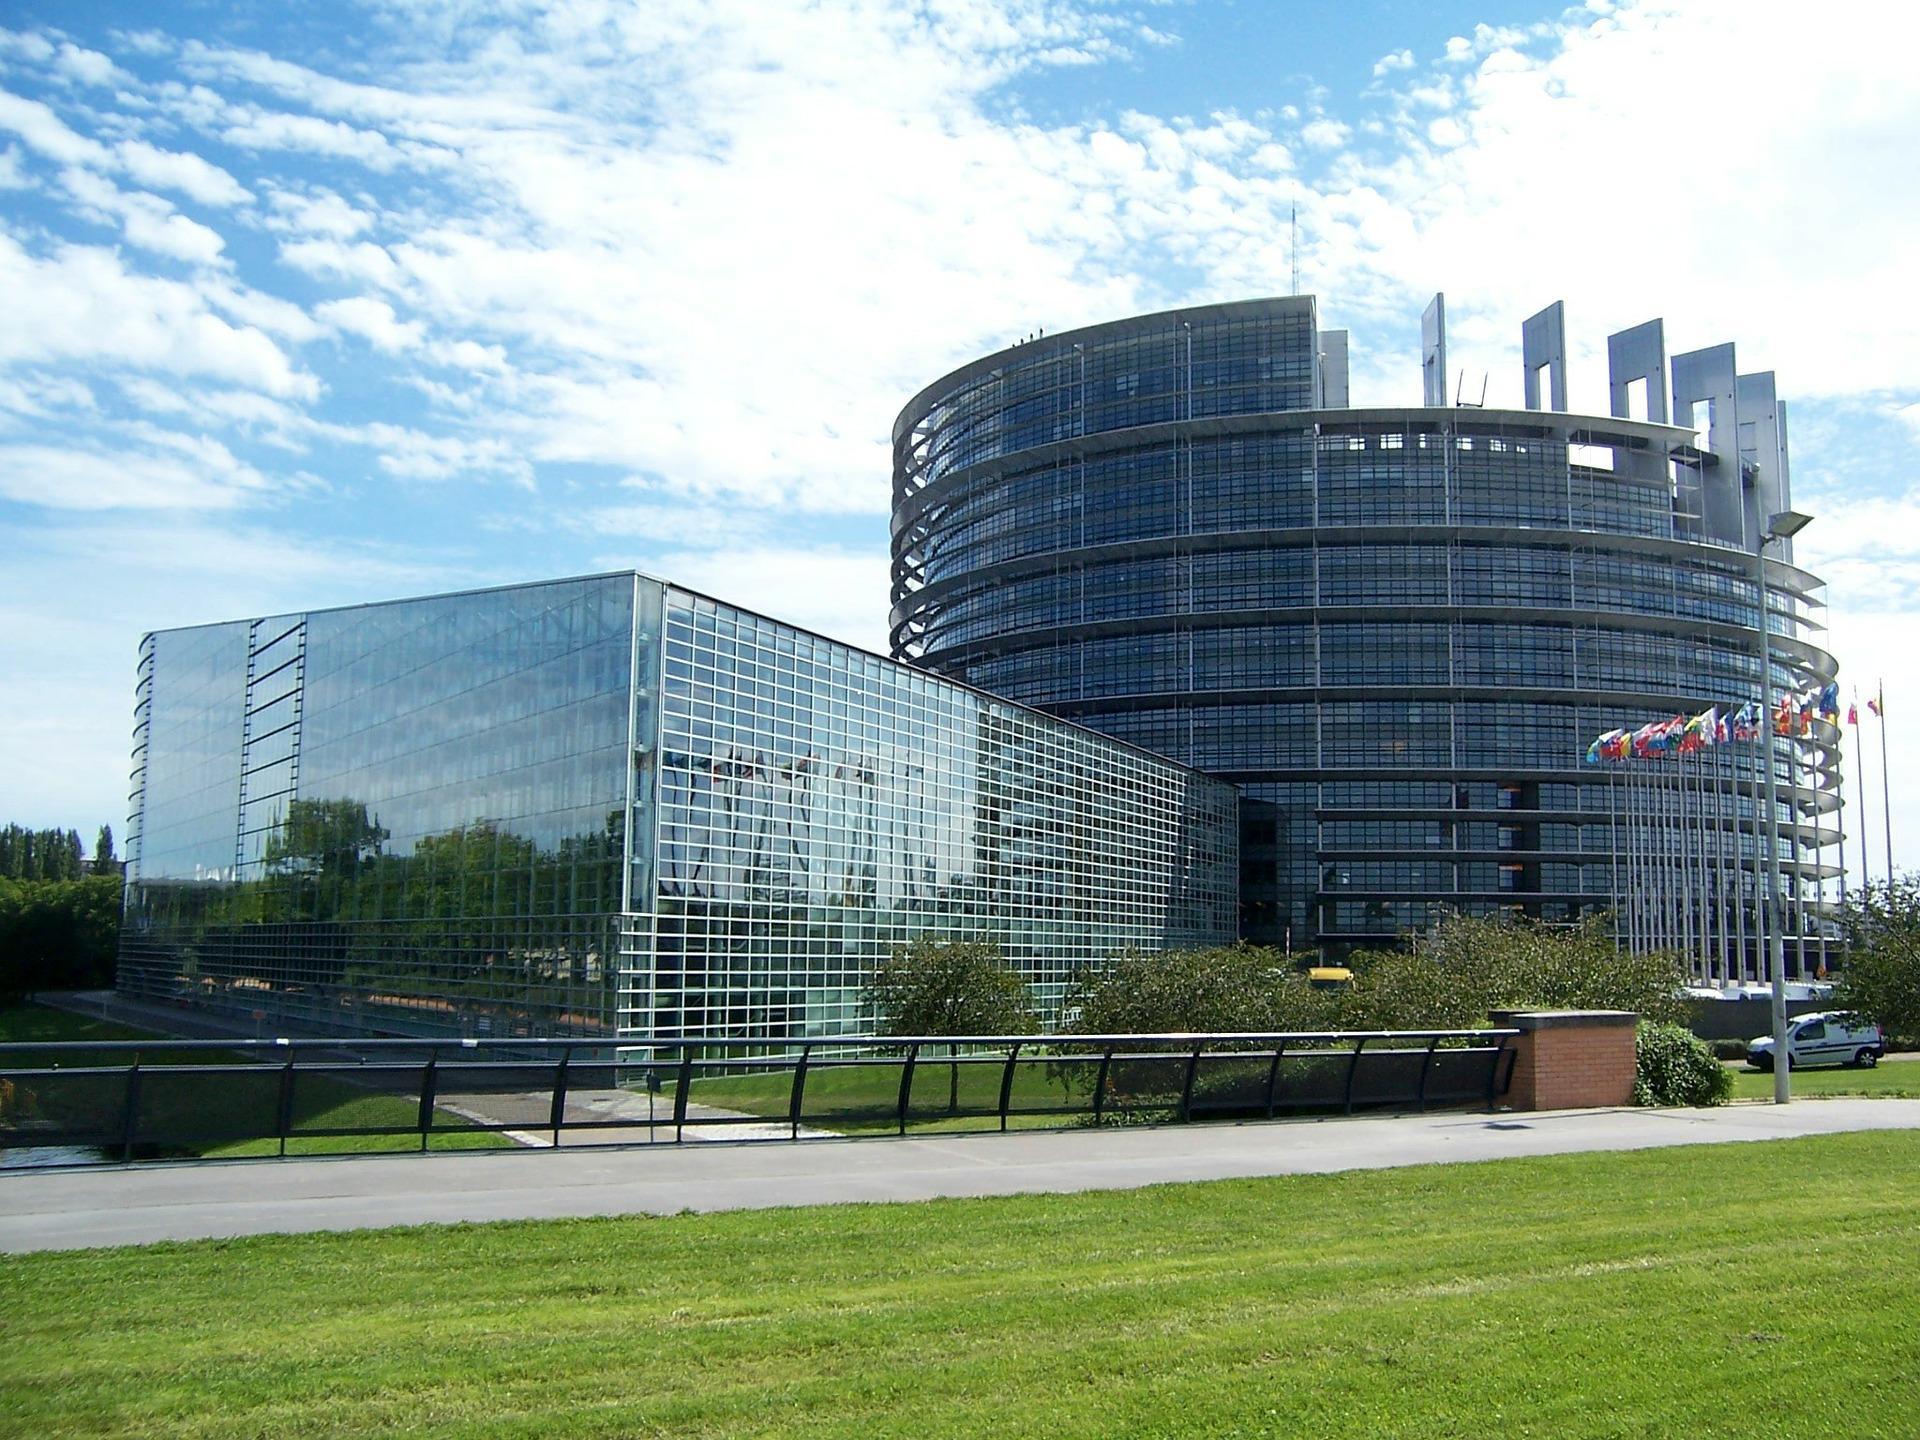 Outright Monetary Transactions - die EZB und die verbotene Staatsfinanzierung